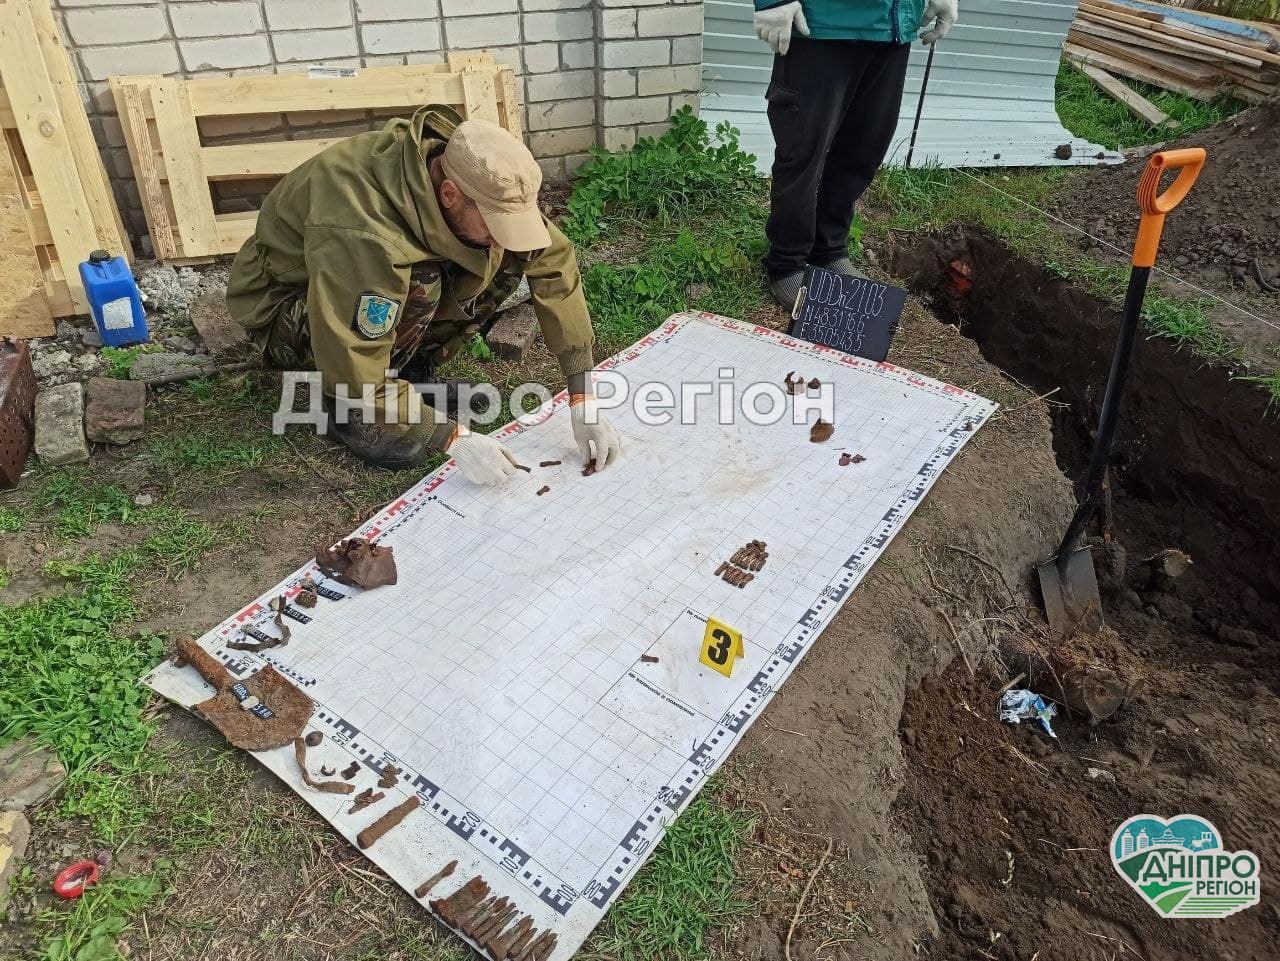 У Дніпрі вилучили останки воїна Другої Світової війни на території садового товариства (Фото)